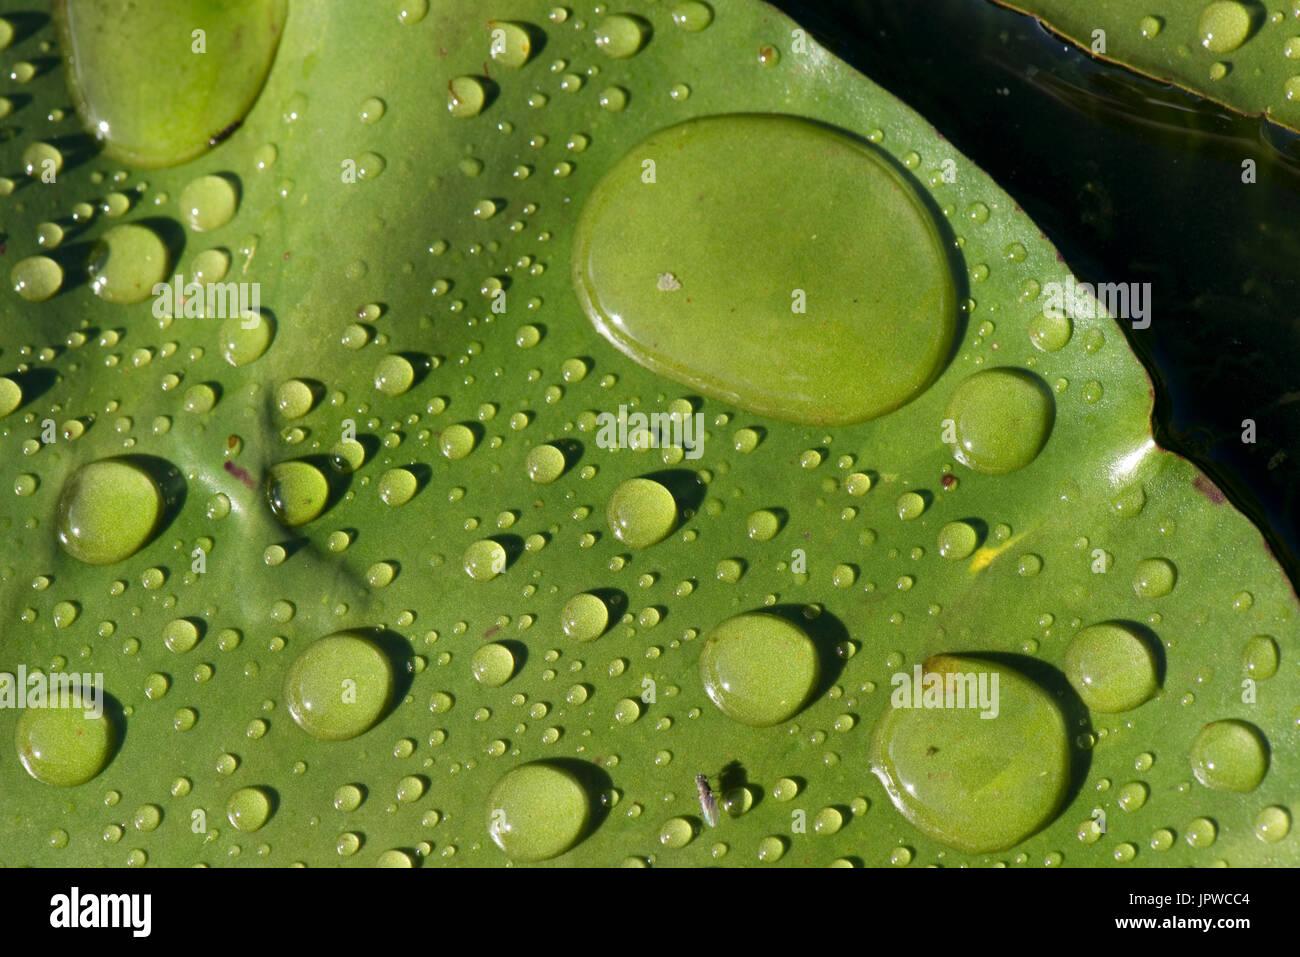 Las gotas de lluvia redonda y discreto en la brillante luz del sol sobre la superficie de una hoja de lirio de agua en un día de verano, showery muy repelente al agua. Imagen De Stock